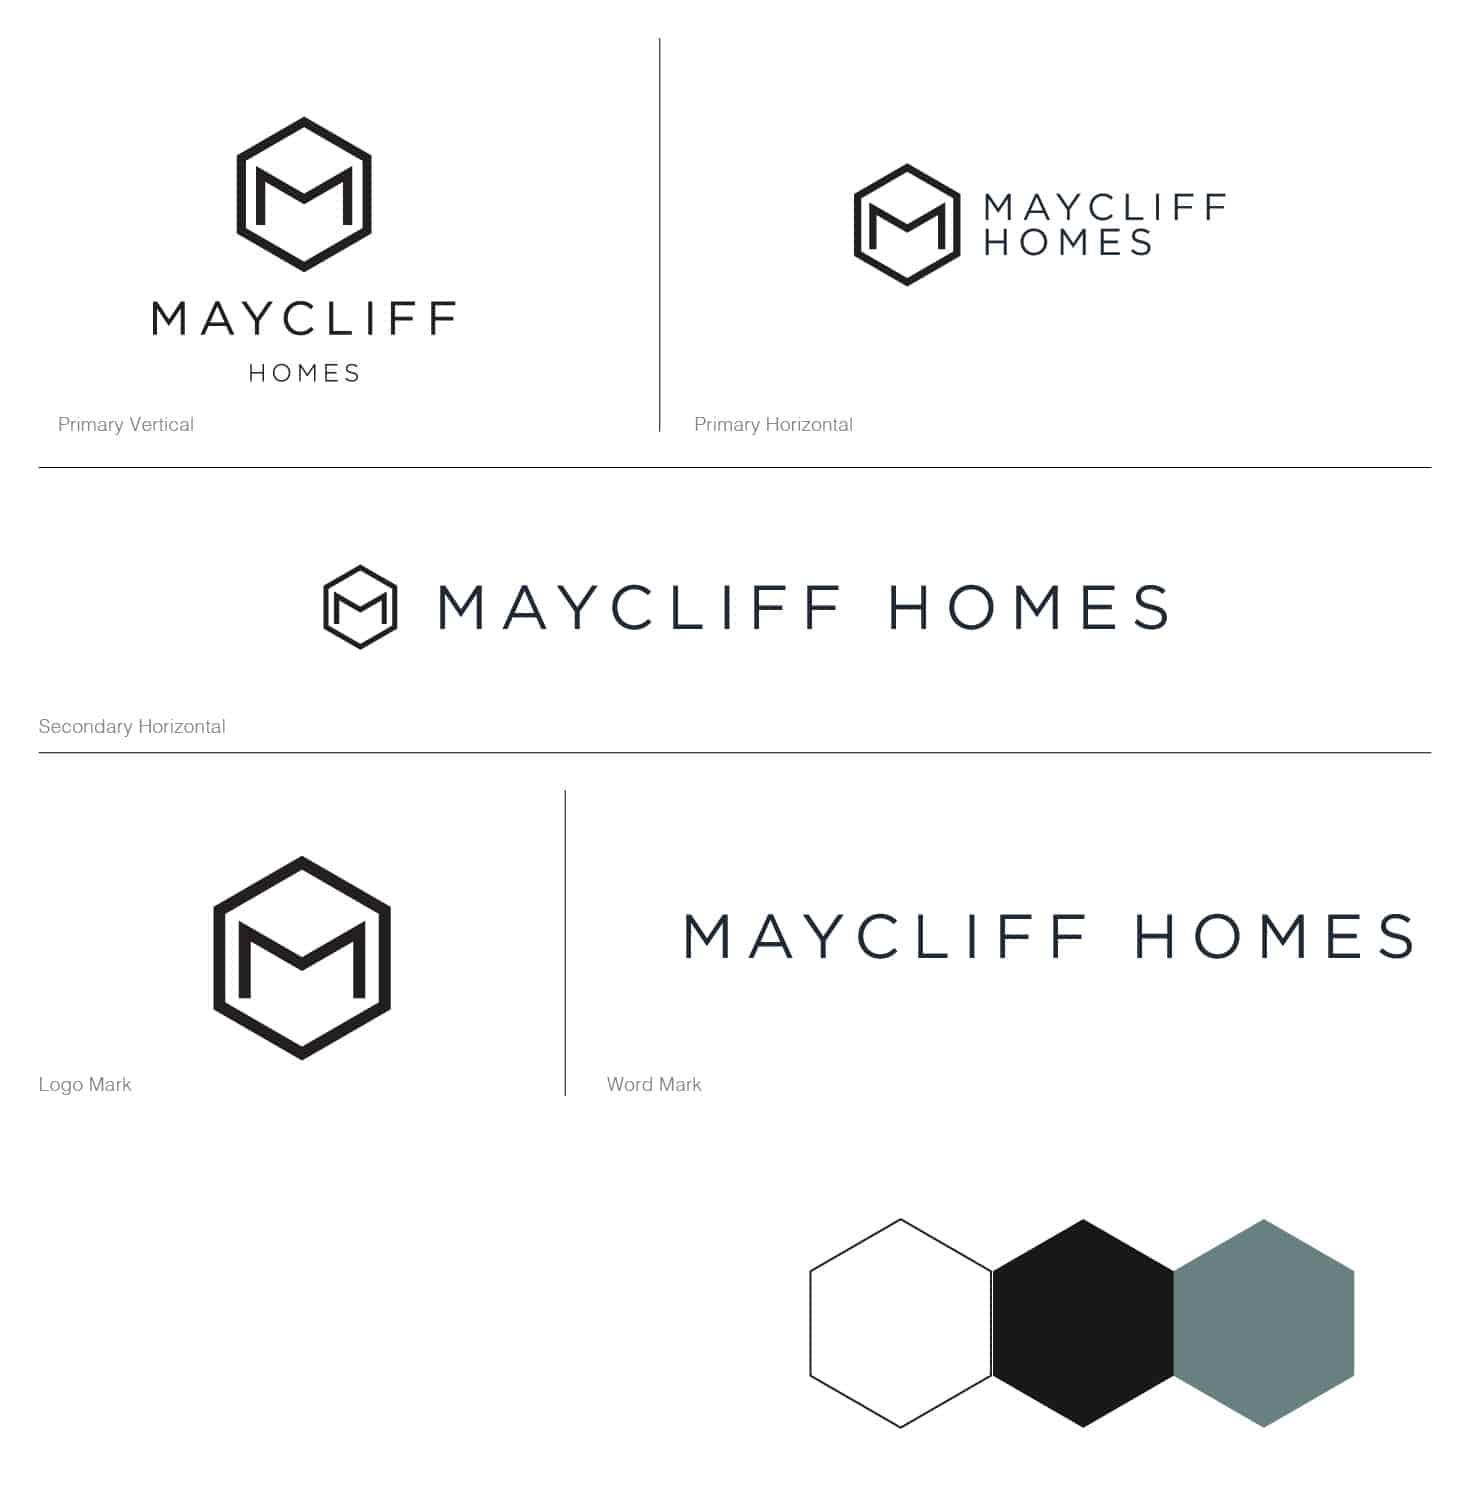 Maycliff_Homes_by_Stellen_Design-02